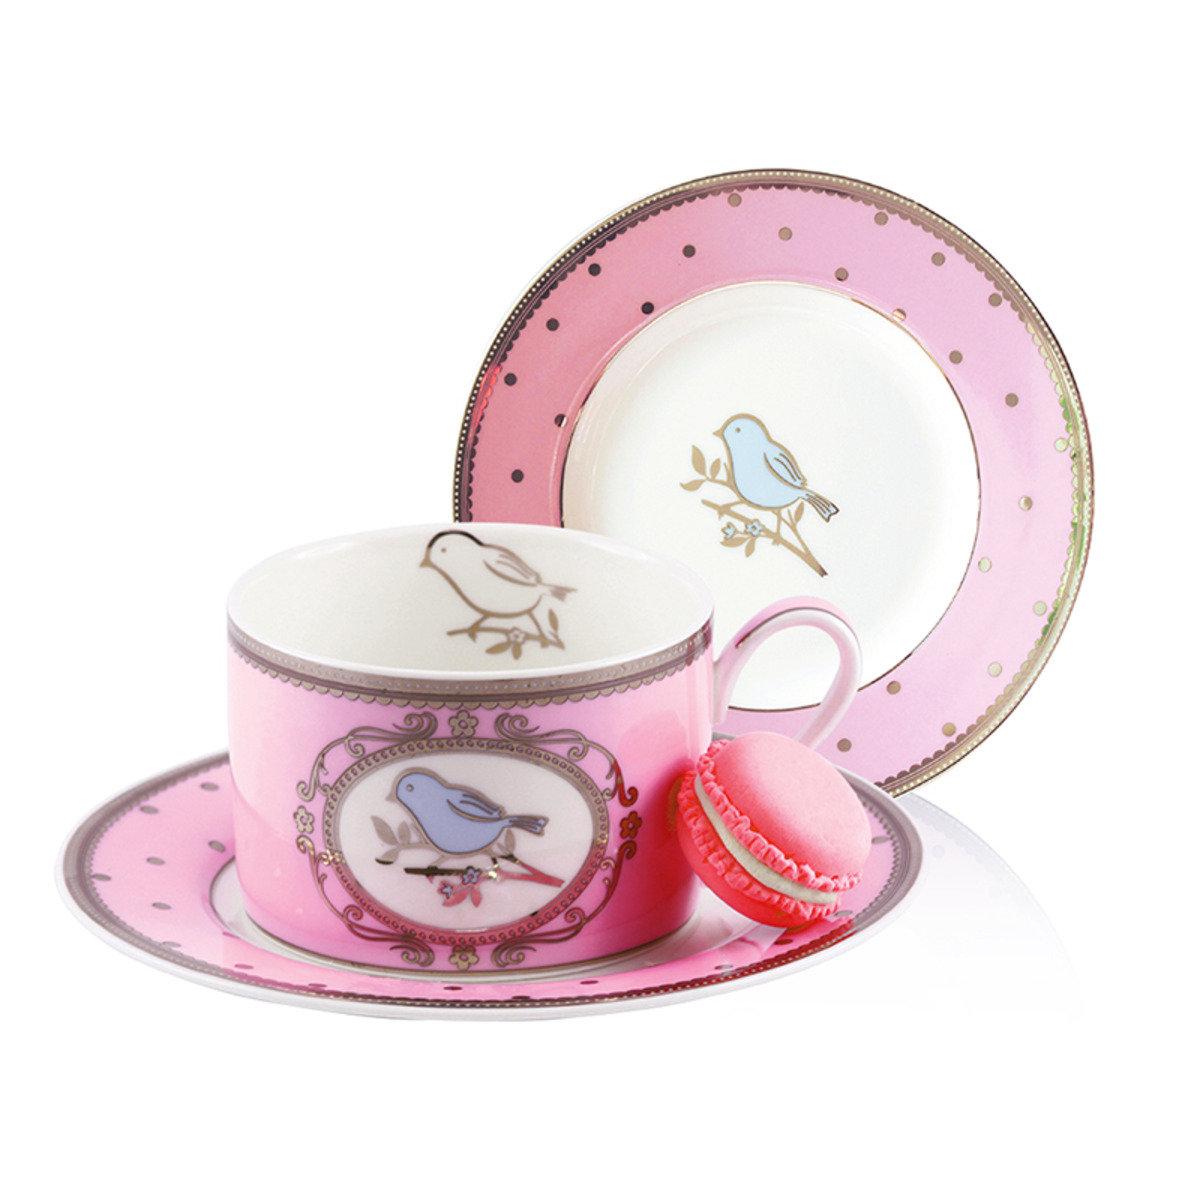 粉紅色小鳥杯及碟